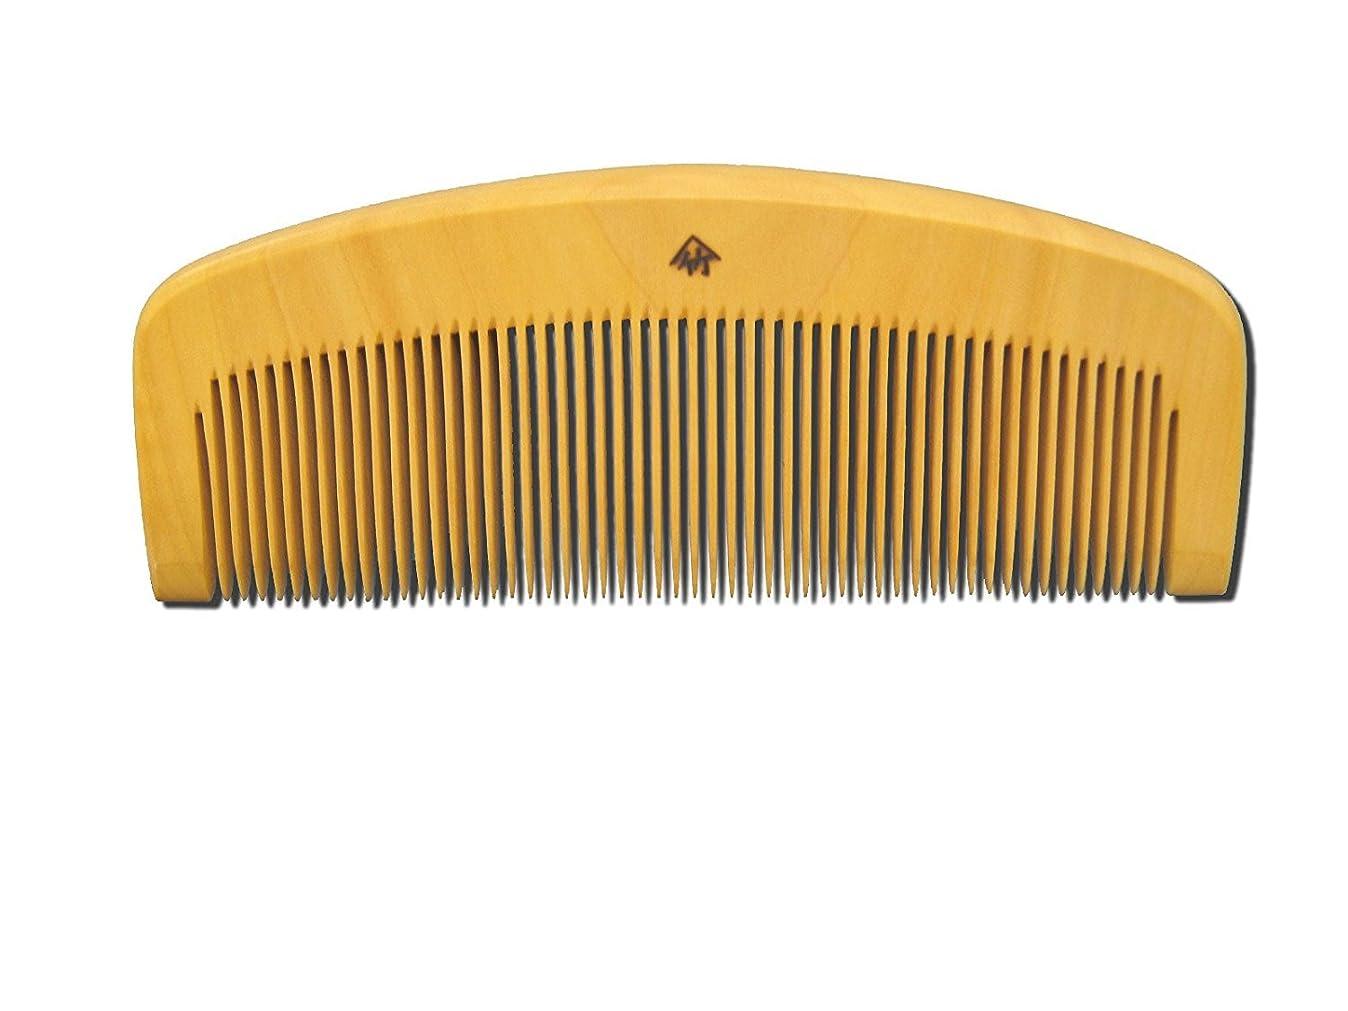 聖なる修羅場サークル薩摩つげ櫛 とき櫛 三寸五分 細歯